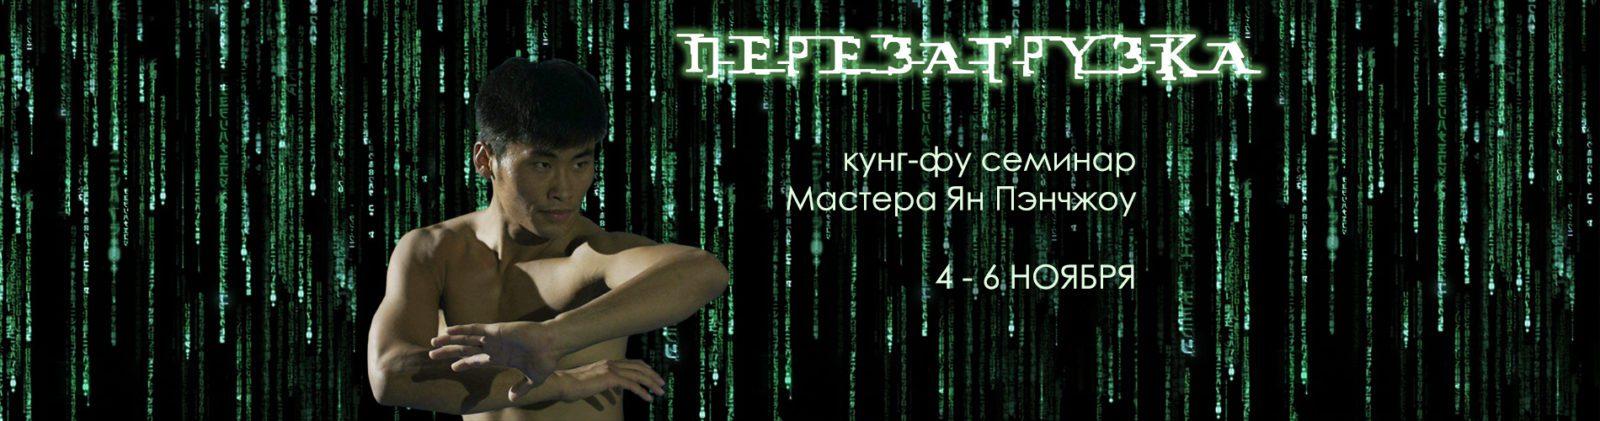 matrix_slider